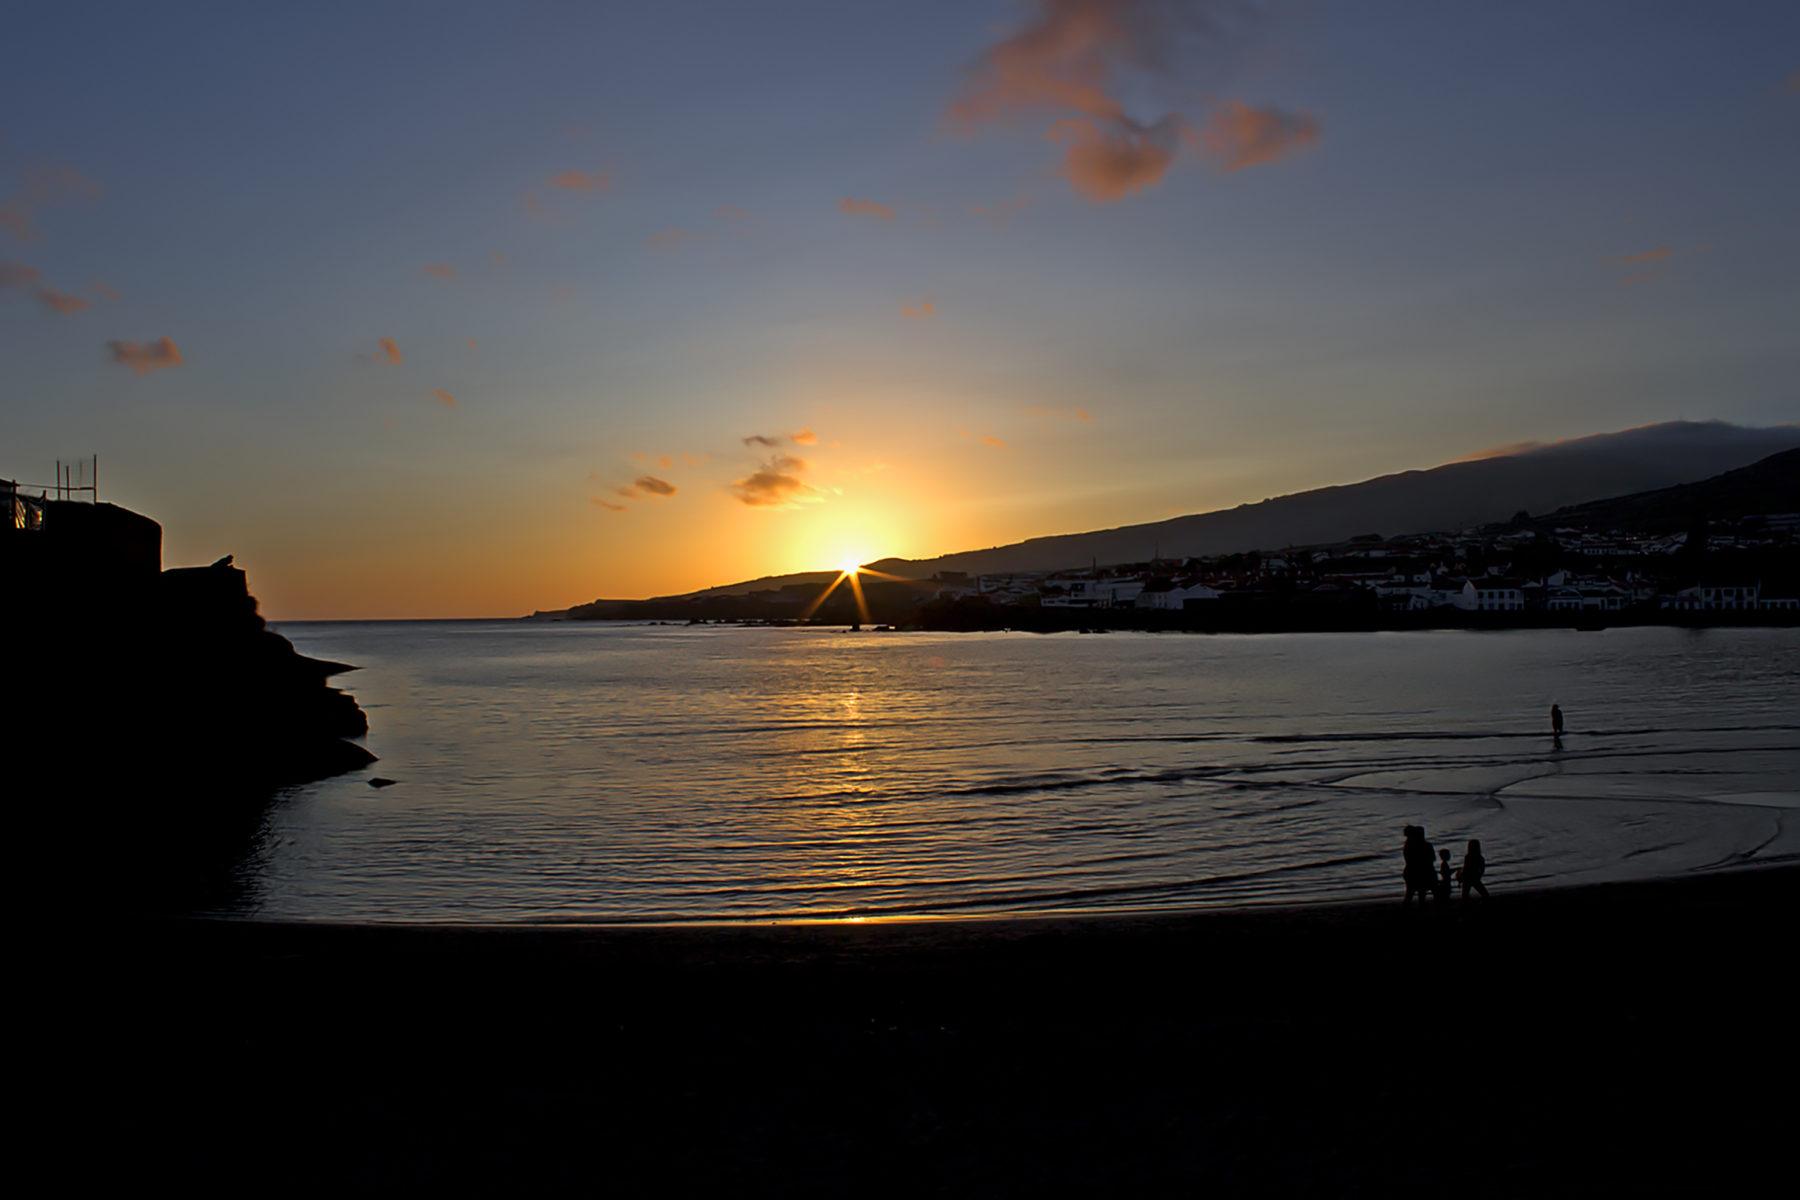 Sunset Porto Pim